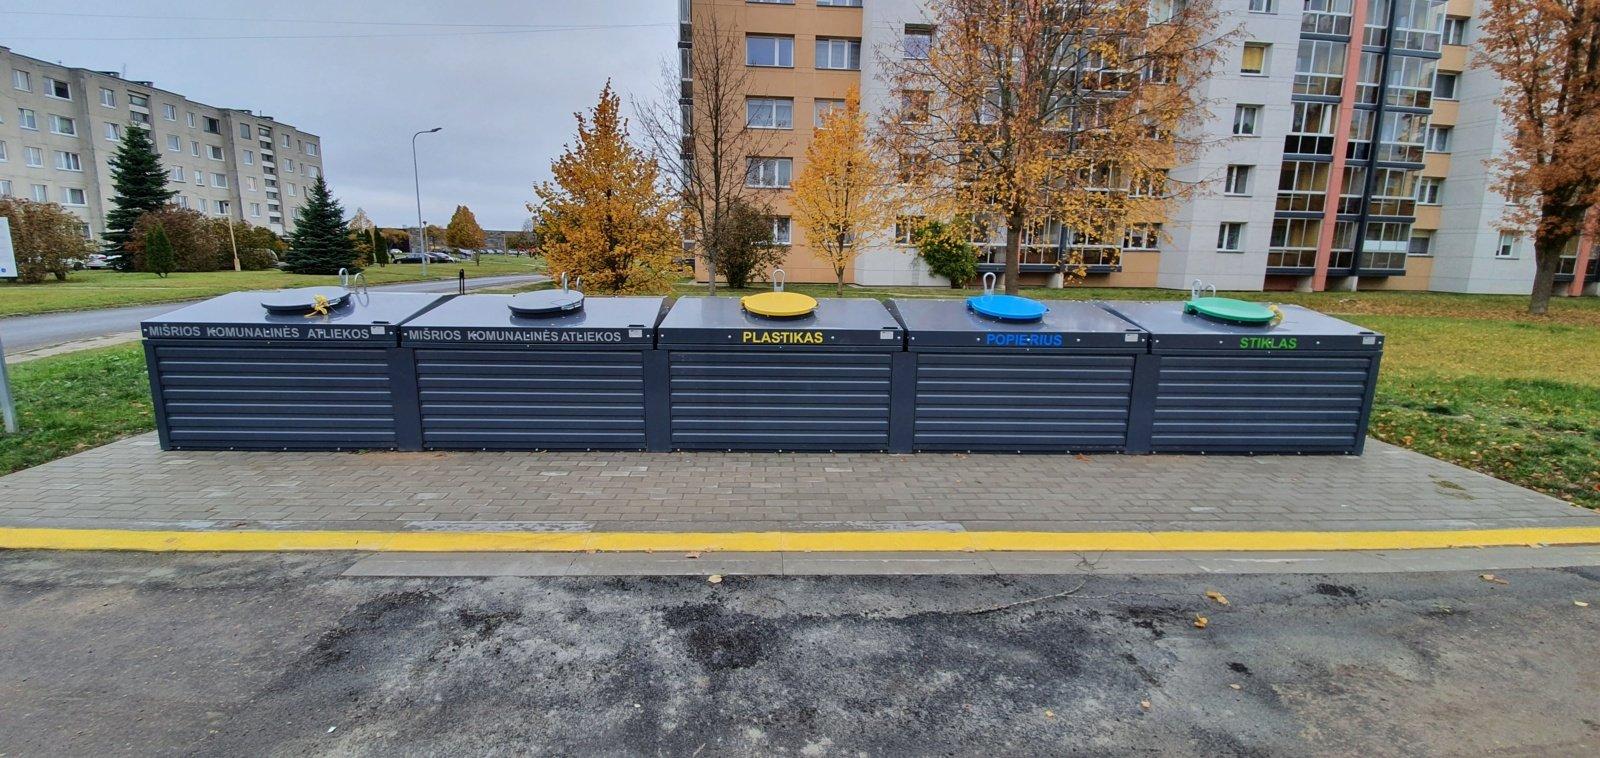 Akmenės, Naujosios  Akmenės ir Ventos gyventojai džiaugiasi naujai įrengtomis pusiau požeminių atliekų surinkimo konteinerių aikštelėmis